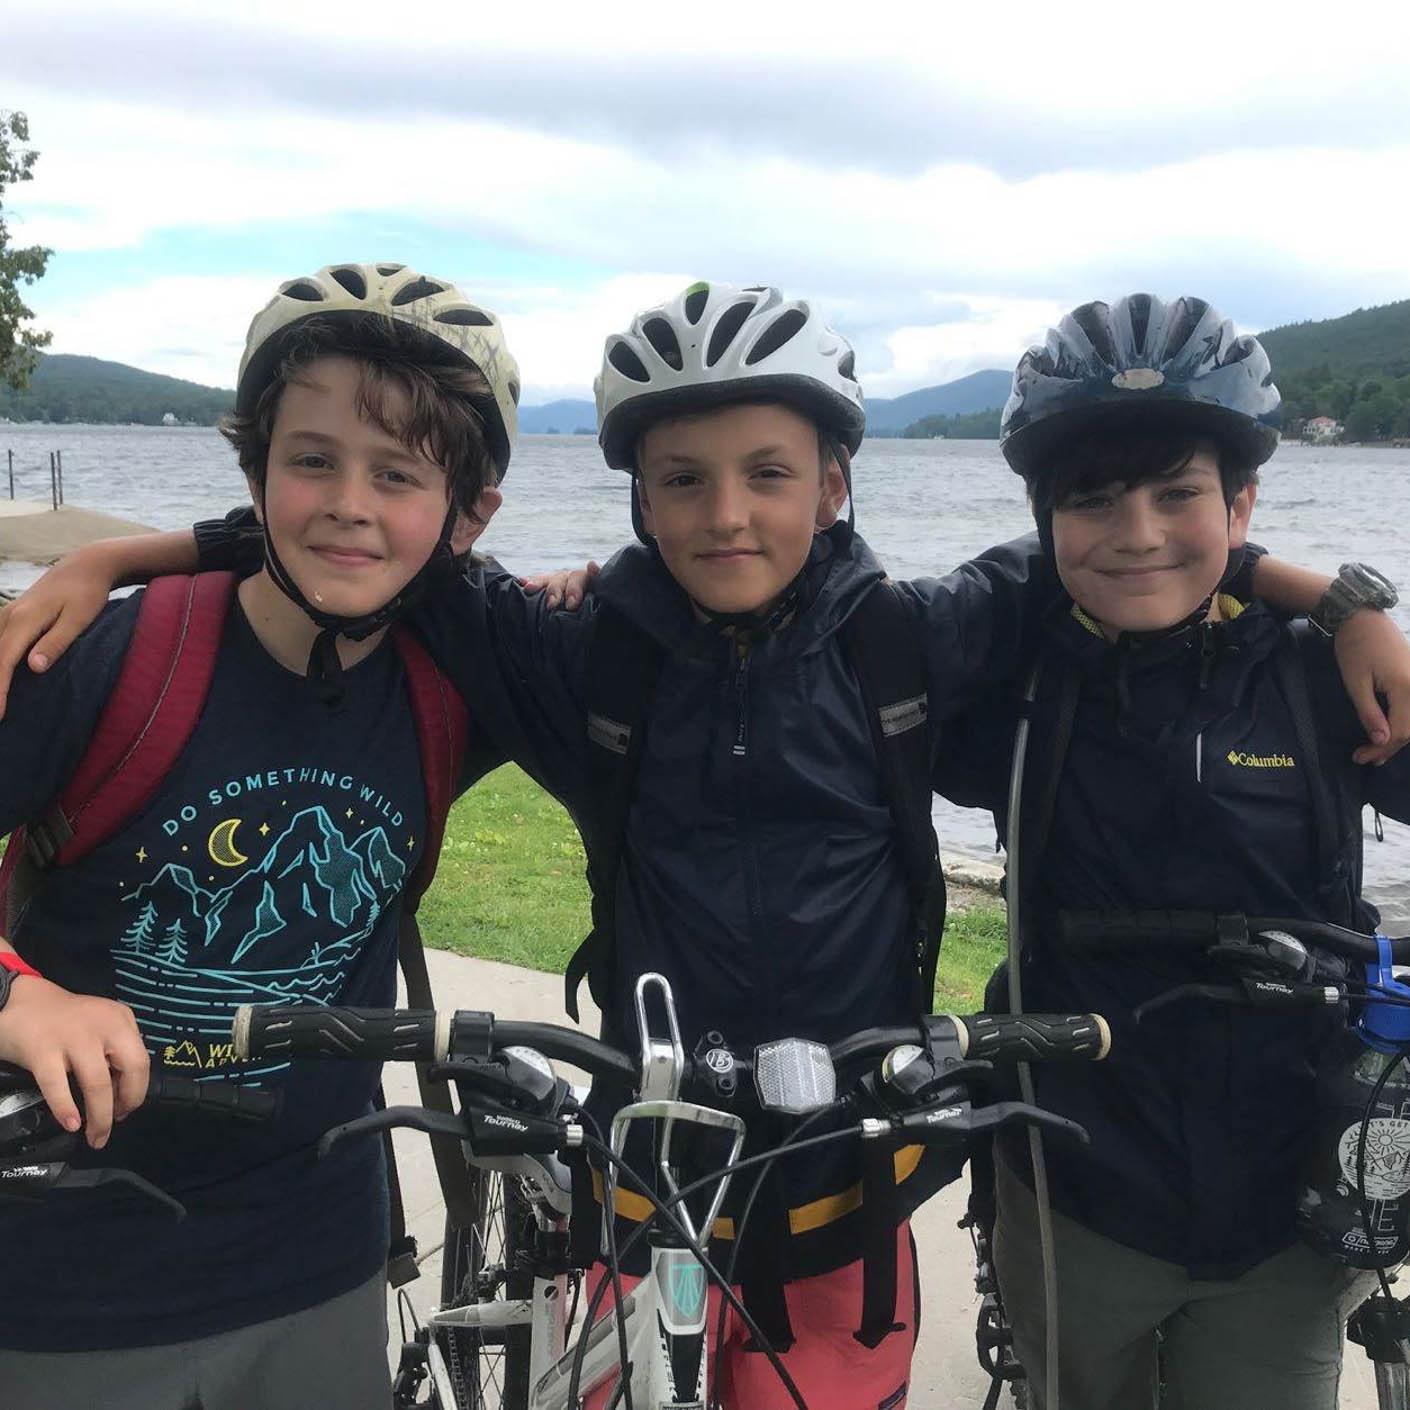 Adirondack Discovery biking